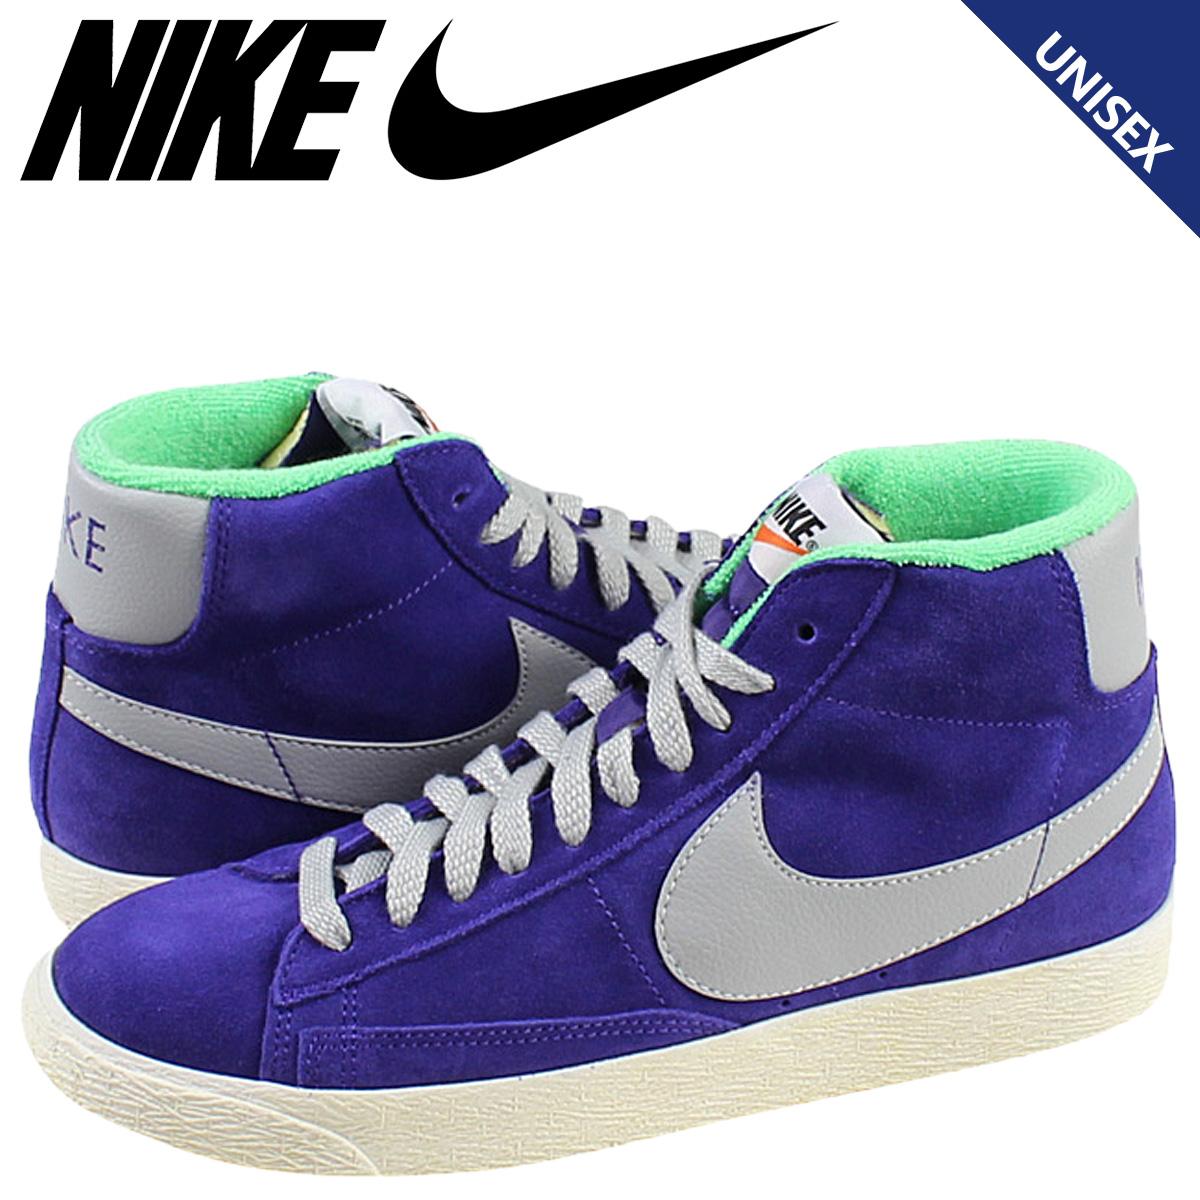 huge discount d0850 4ea71 Nike NIKE women s BLAZER MID VINTAGE sneakers Blazer mid vintage suede  men s 538282-500 blue ...